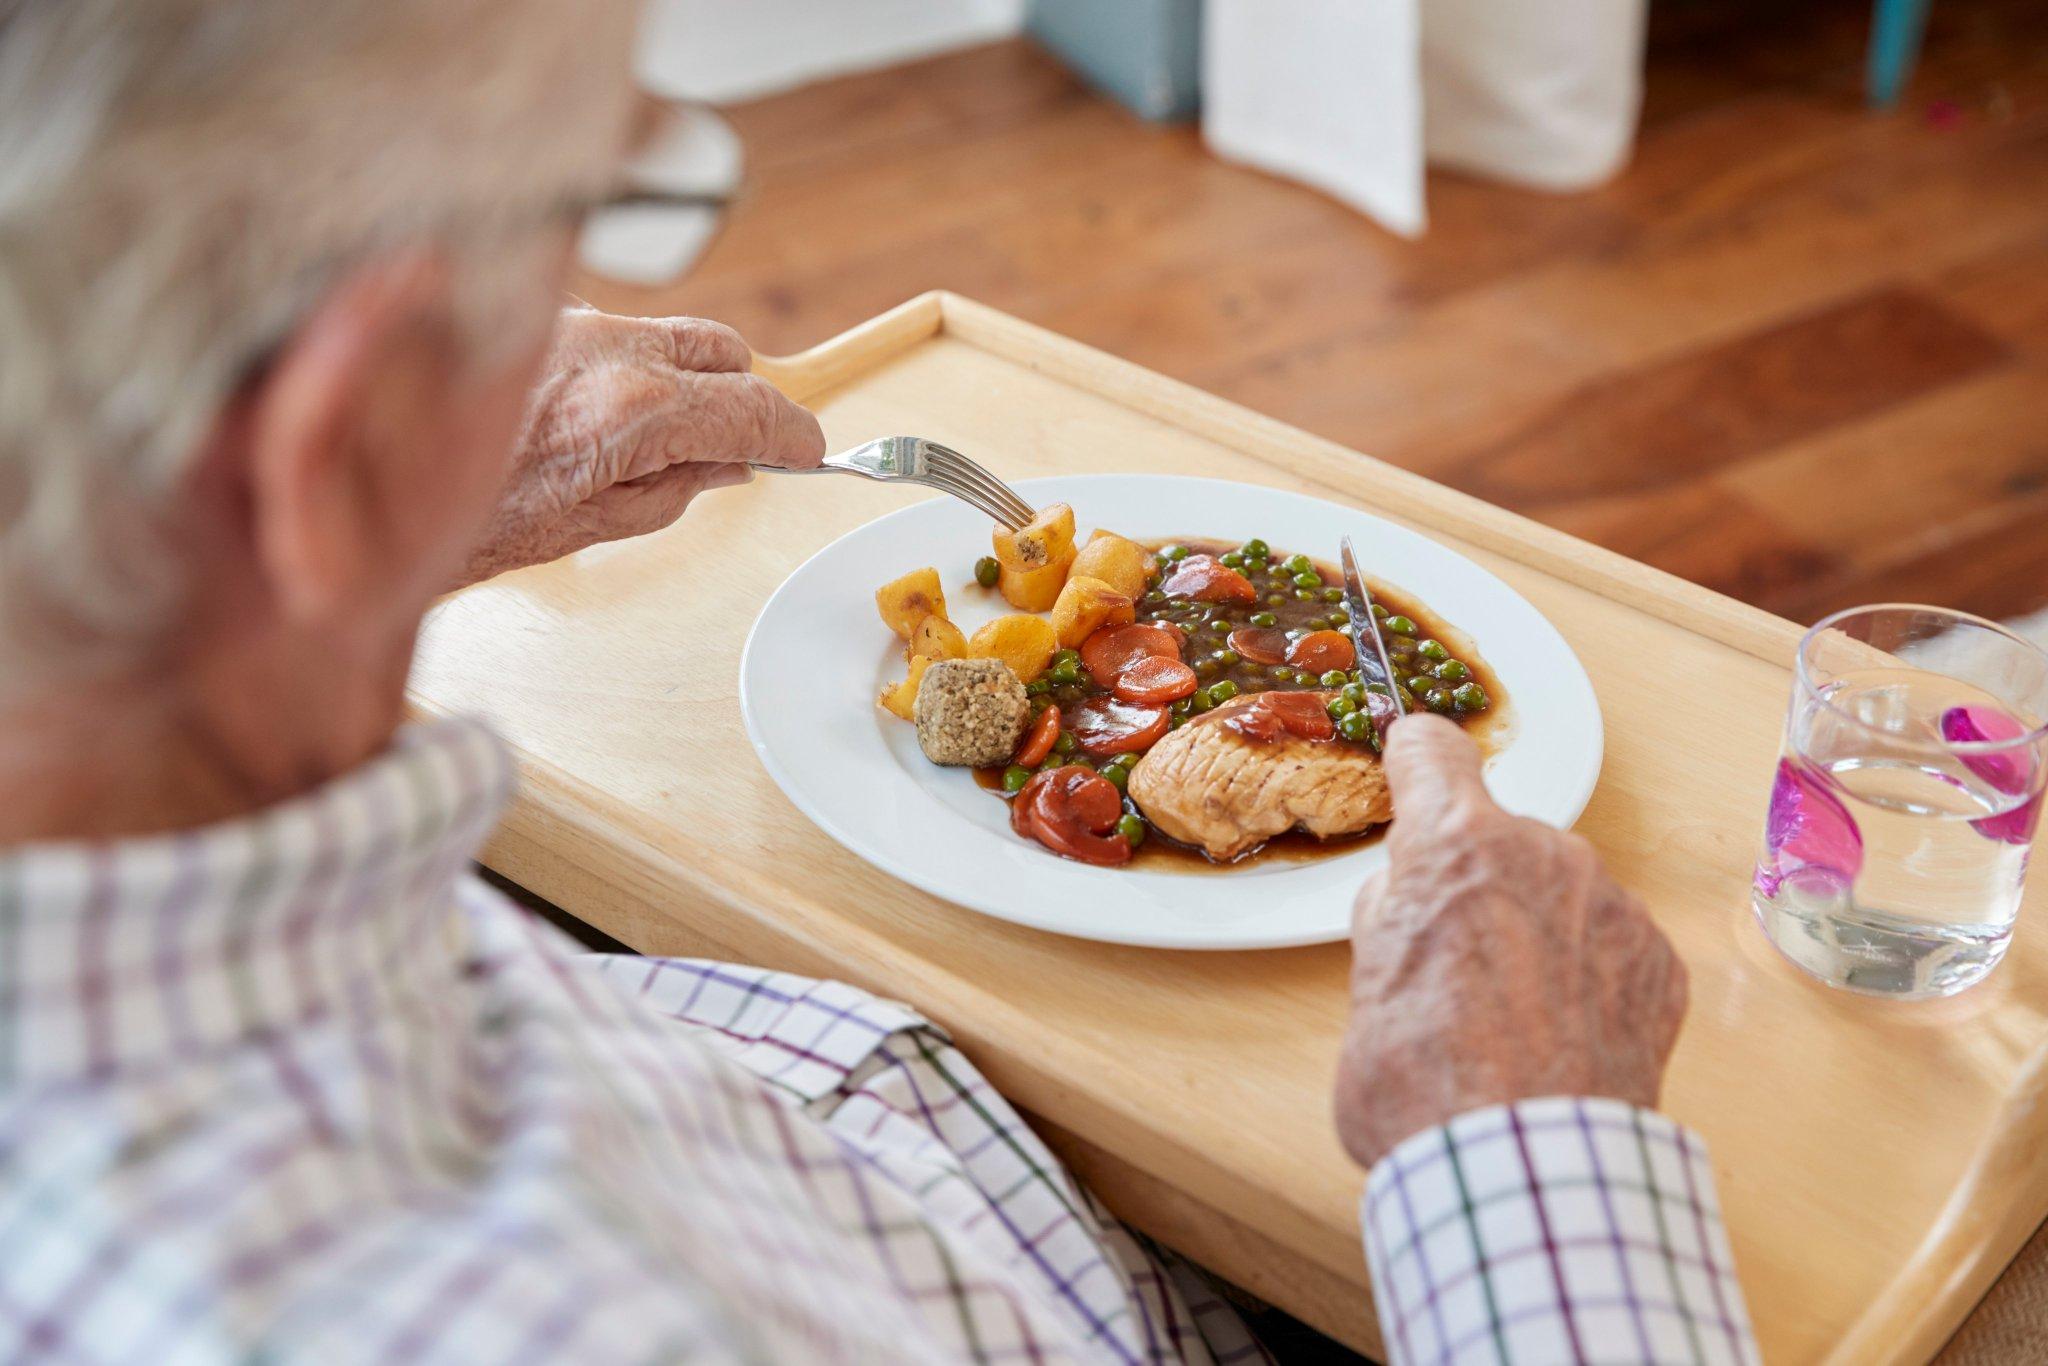 район питание для пожилых людей картинки мужчина интересующийся женским